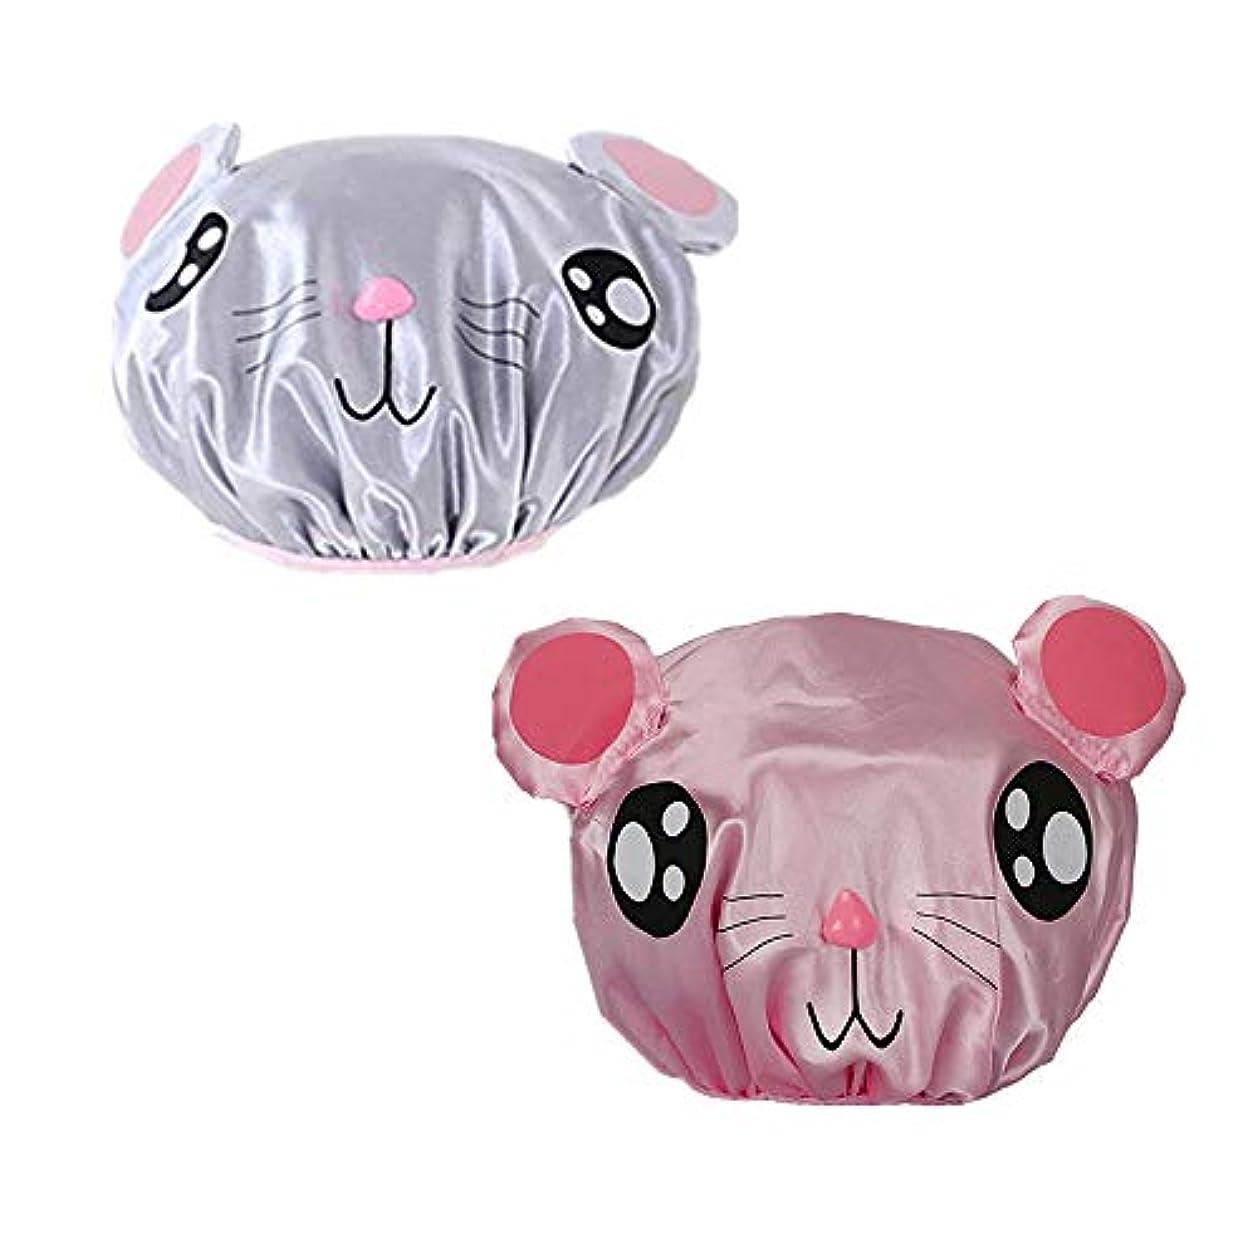 ヒゲくるみシネマKingsie シャワーキャップ キッズ 子供用 2枚セット ヘアキャップ 可愛い 動物柄 カートゥーン 防水帽 入浴キャップ お風呂 ピンク/グレー